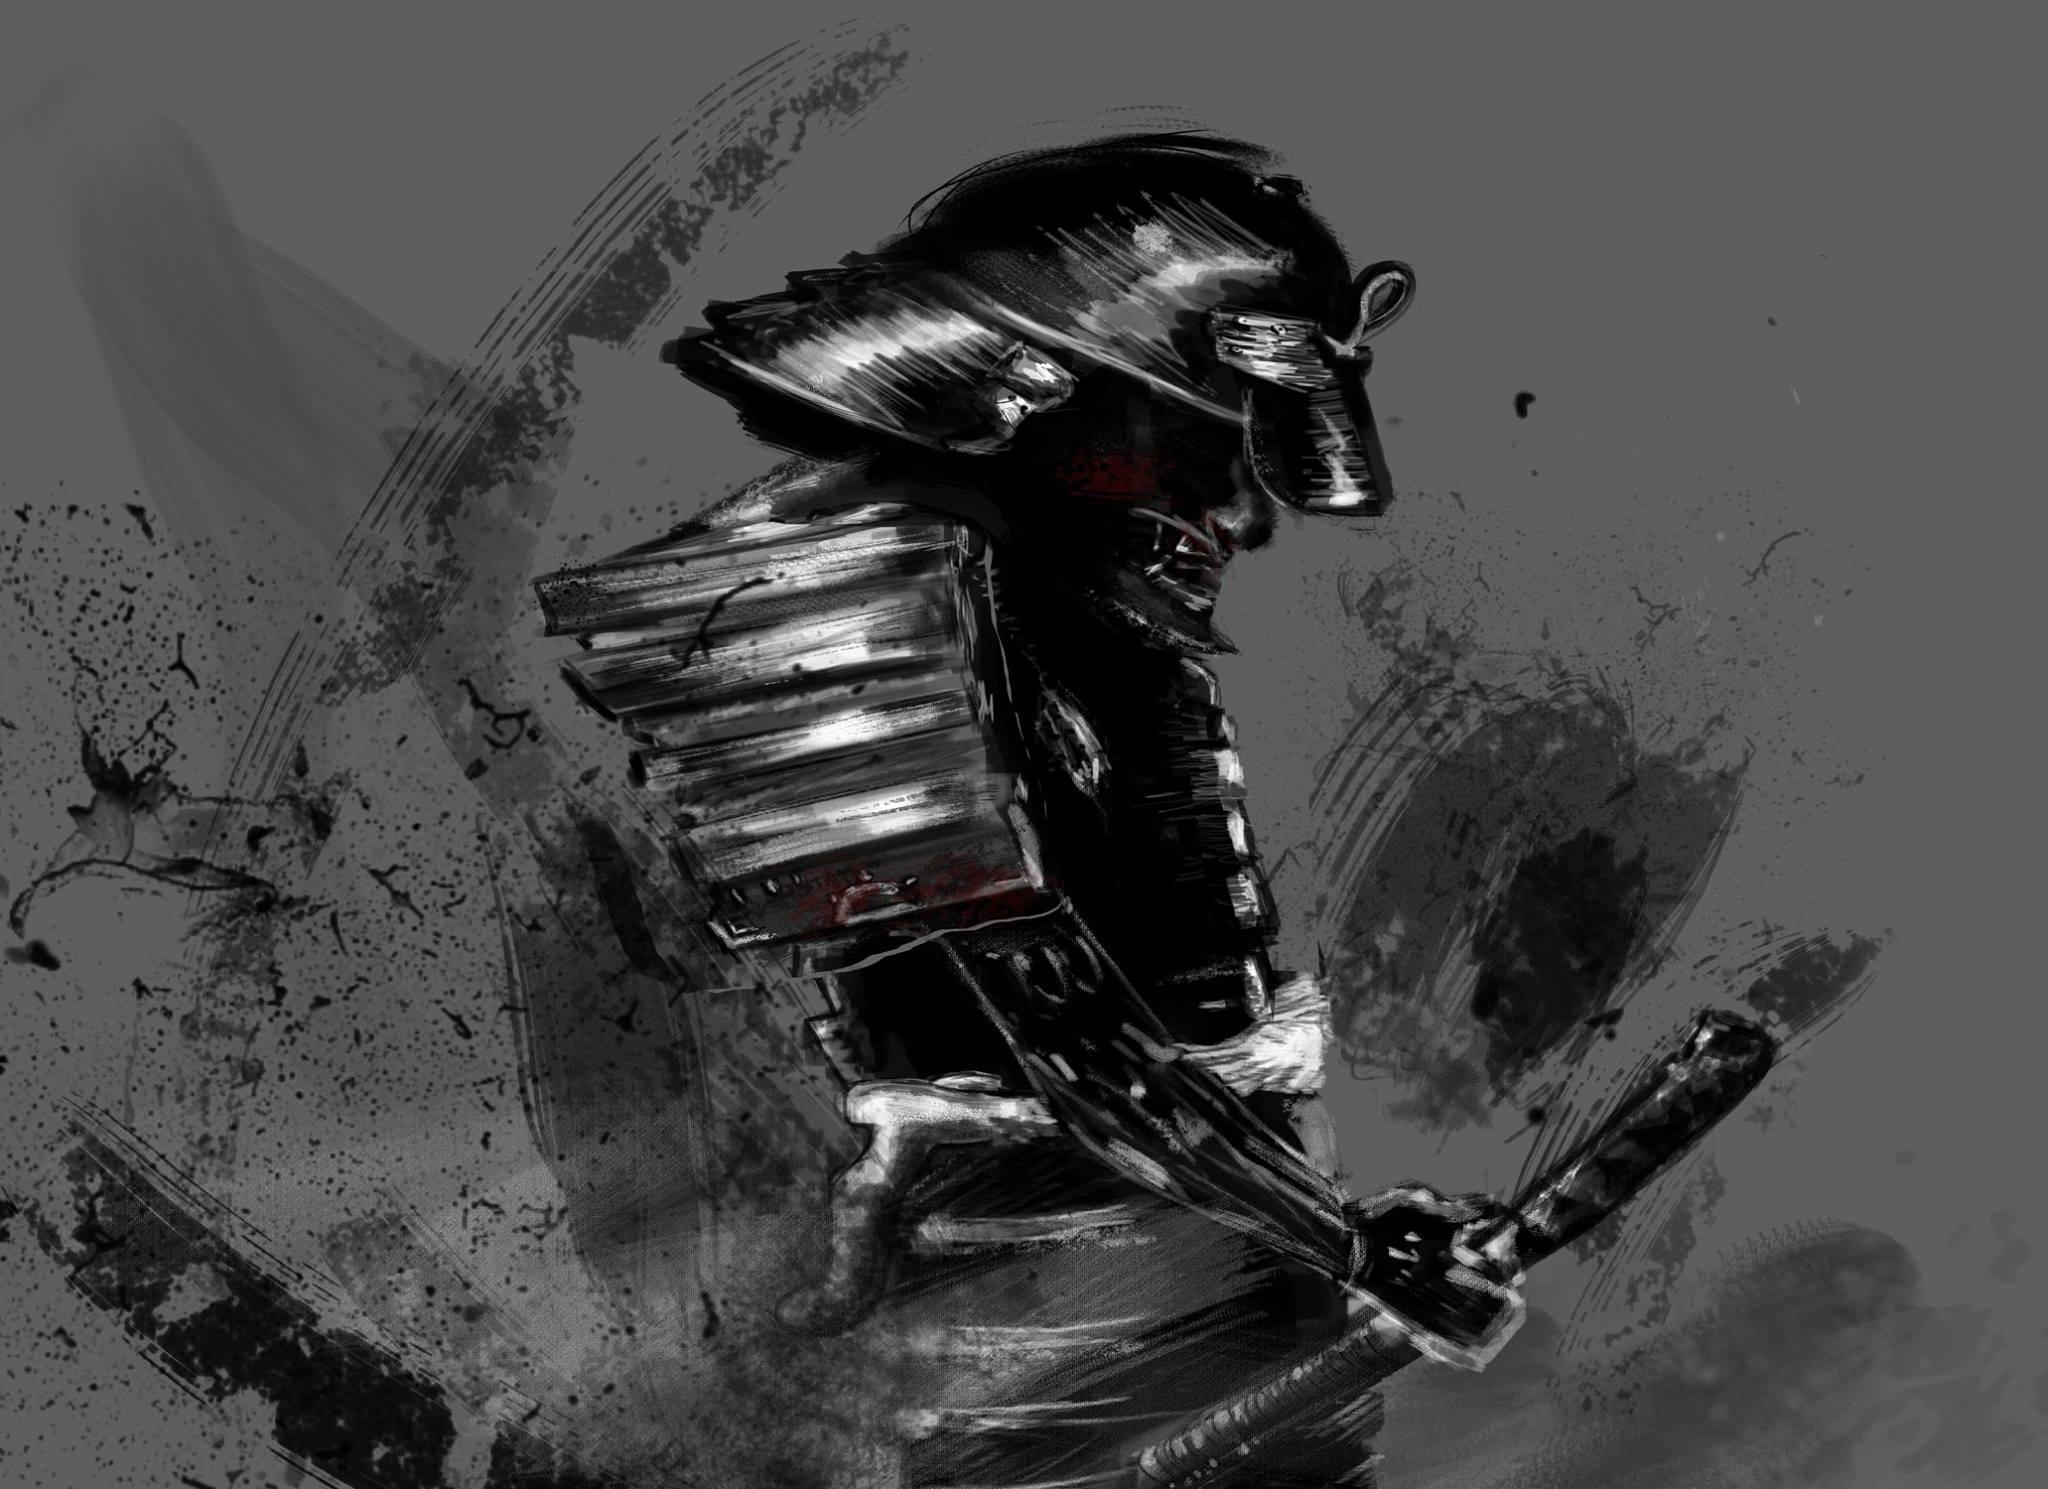 Samurai_DPNT